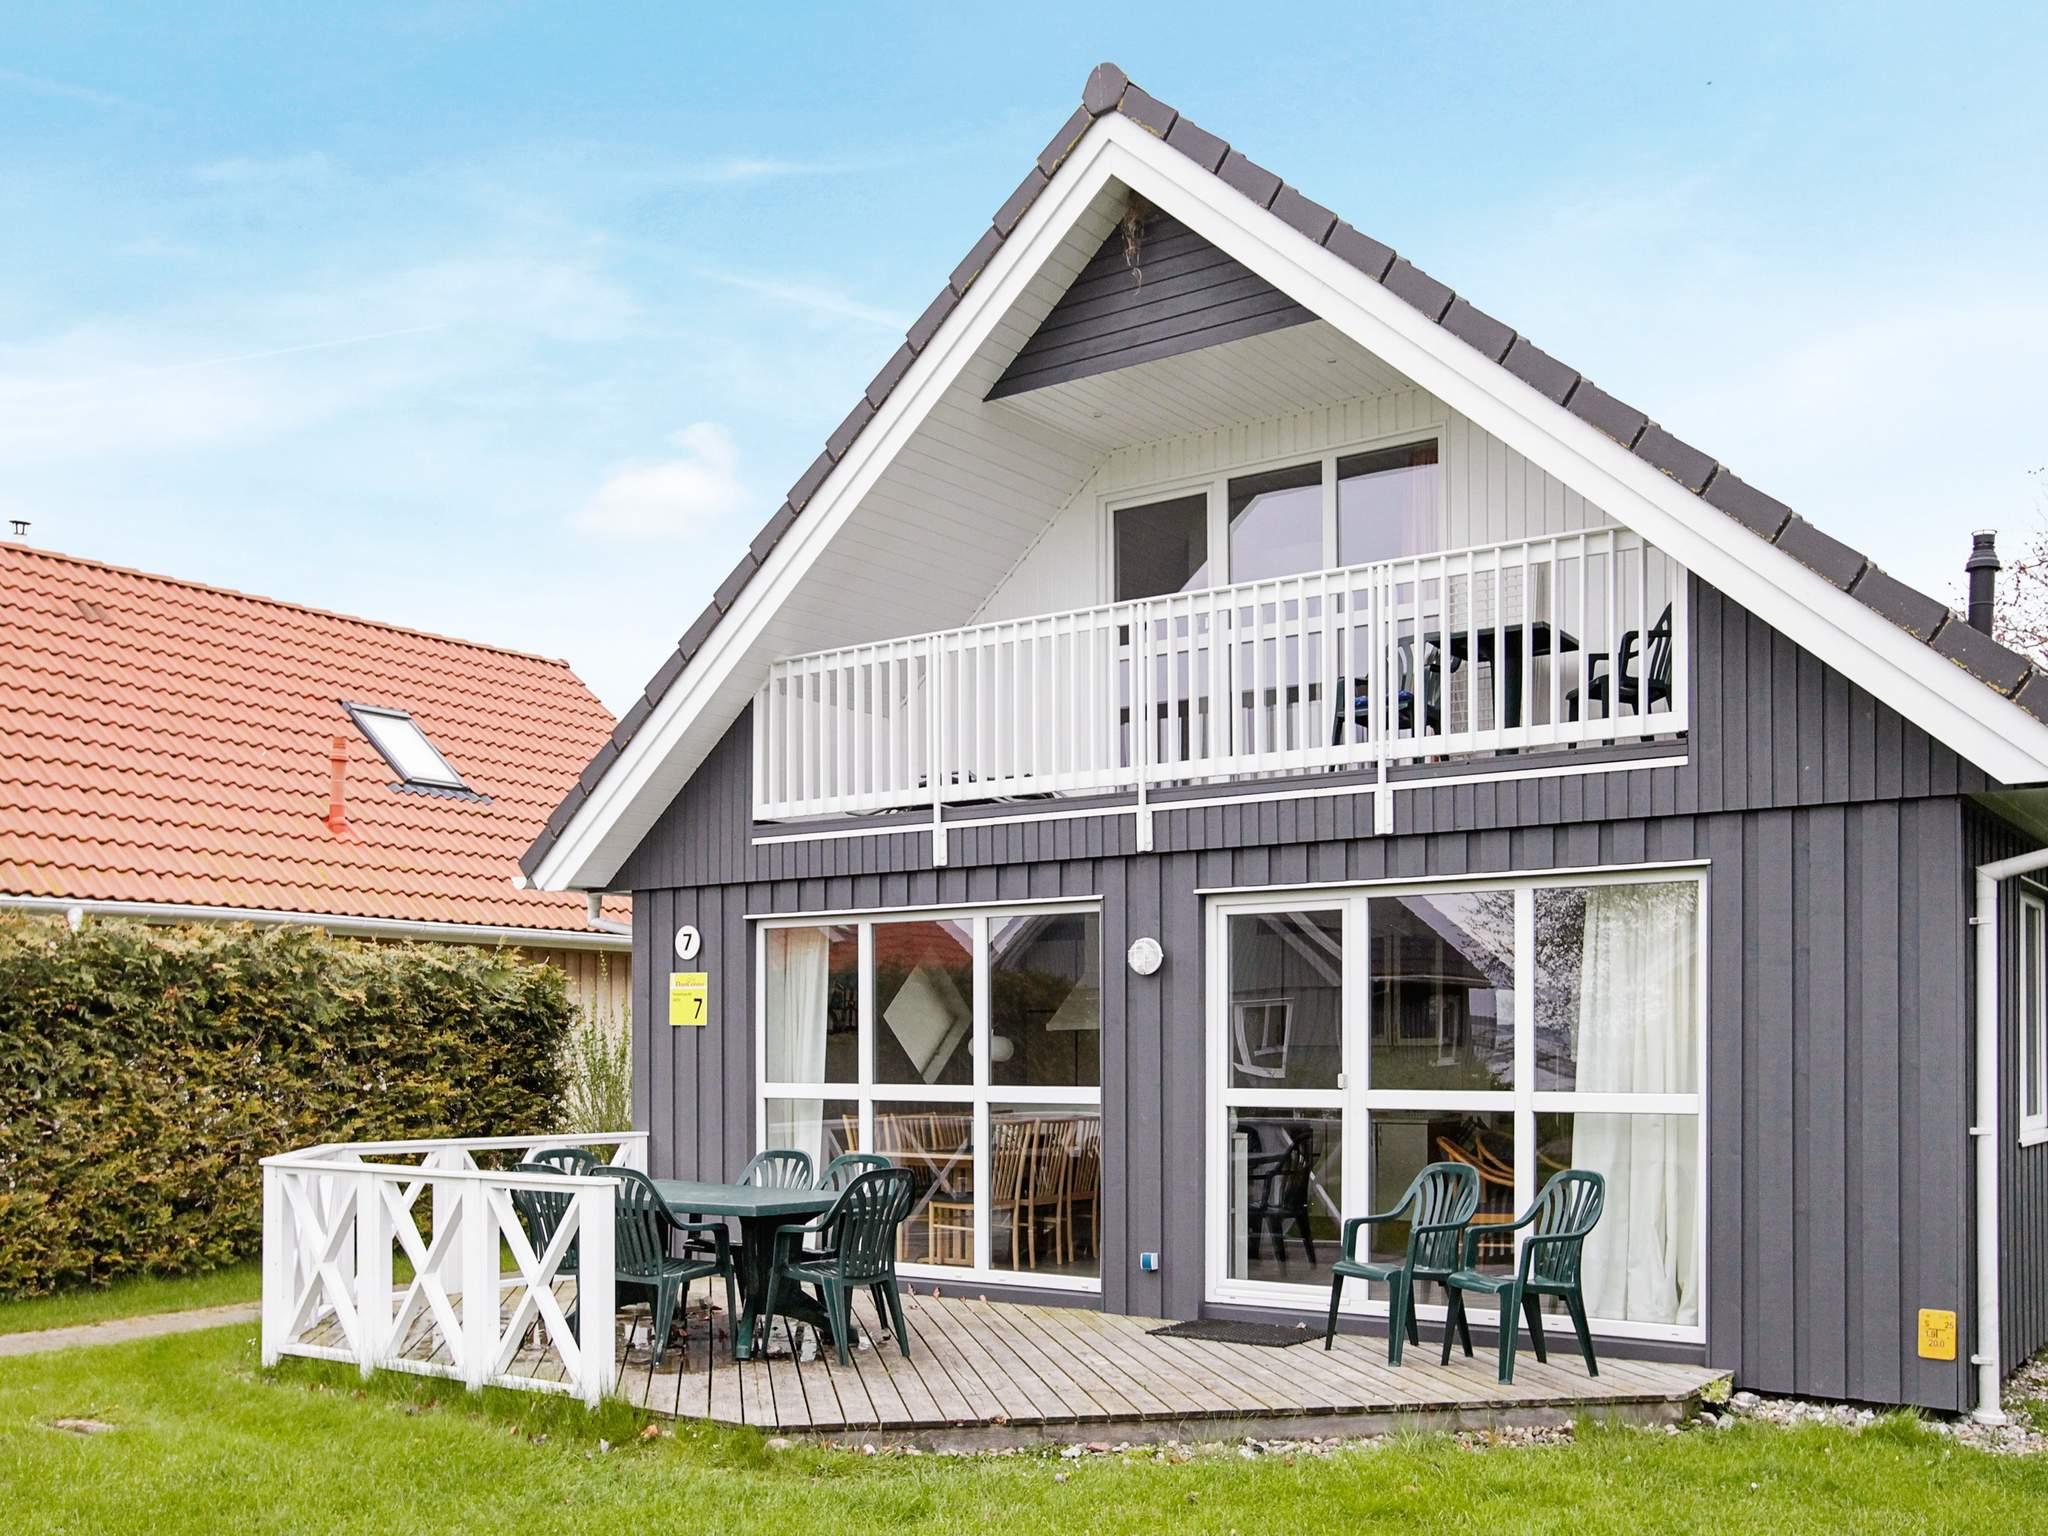 Ferienhaus Gelting (135793), Gelting, Geltinger Bucht, Schleswig-Holstein, Deutschland, Bild 30